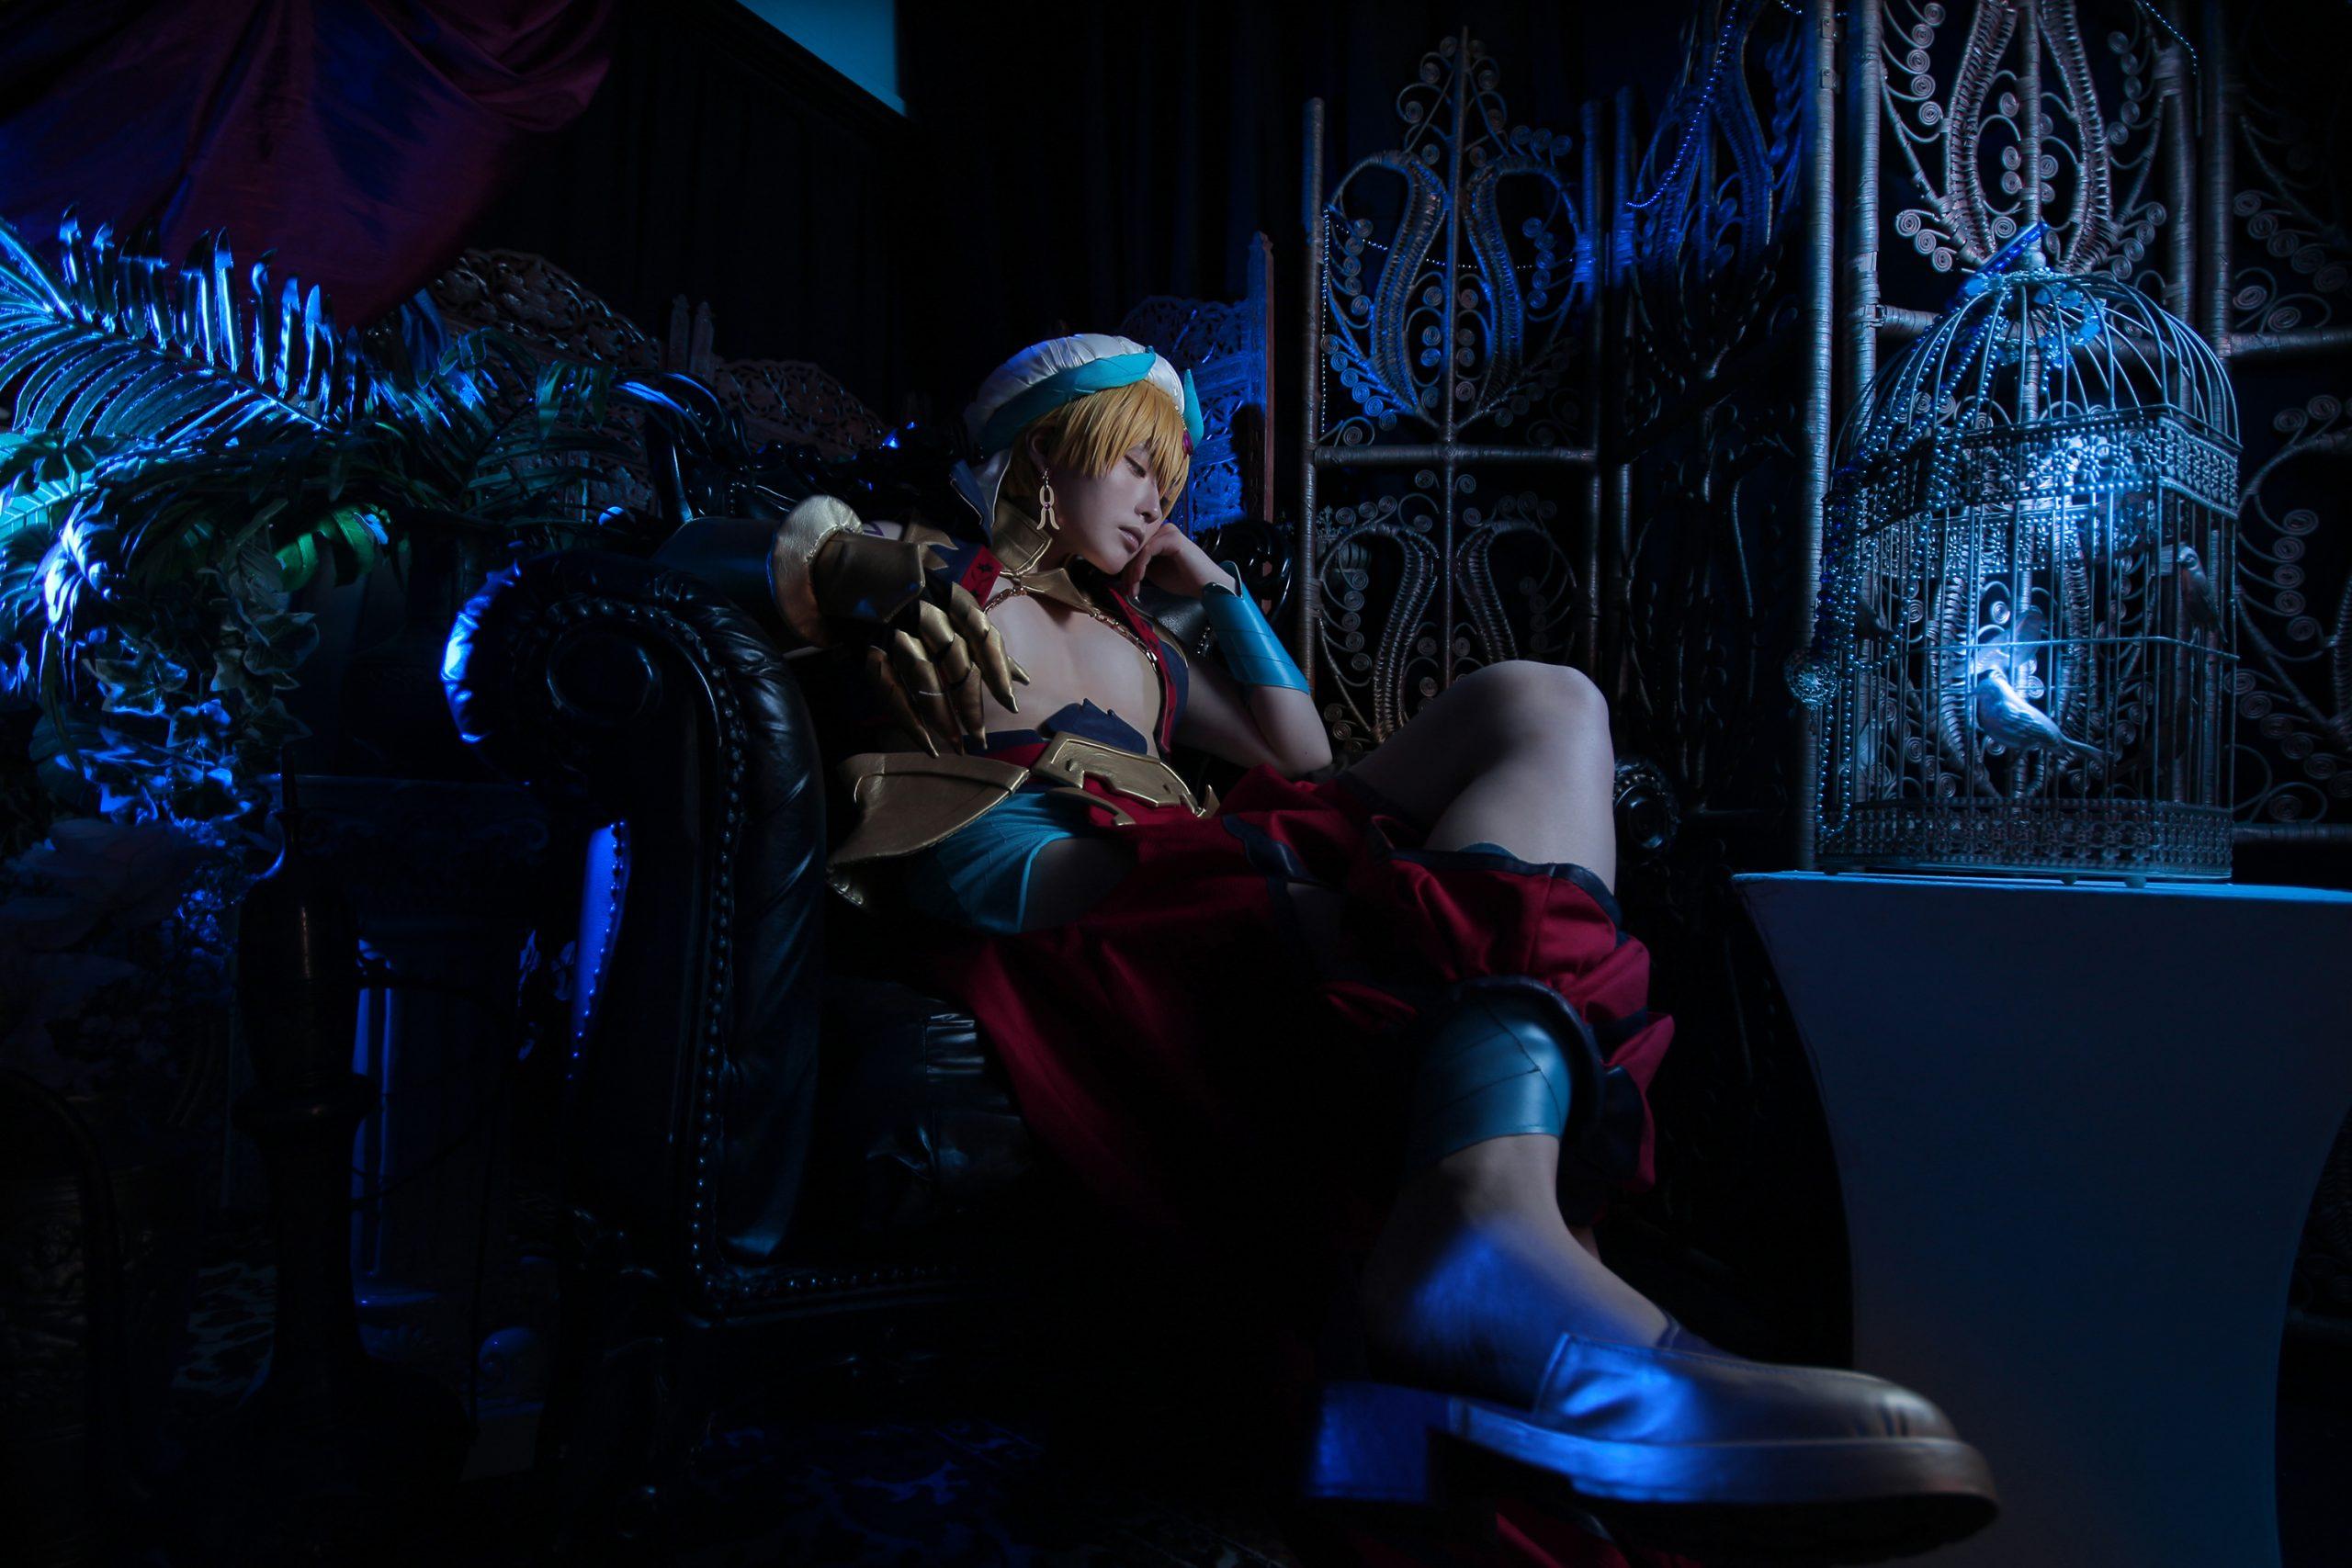 FGO7章バビロニアアニメ術ギル賢王ギルガメッシュコスプレキャスター